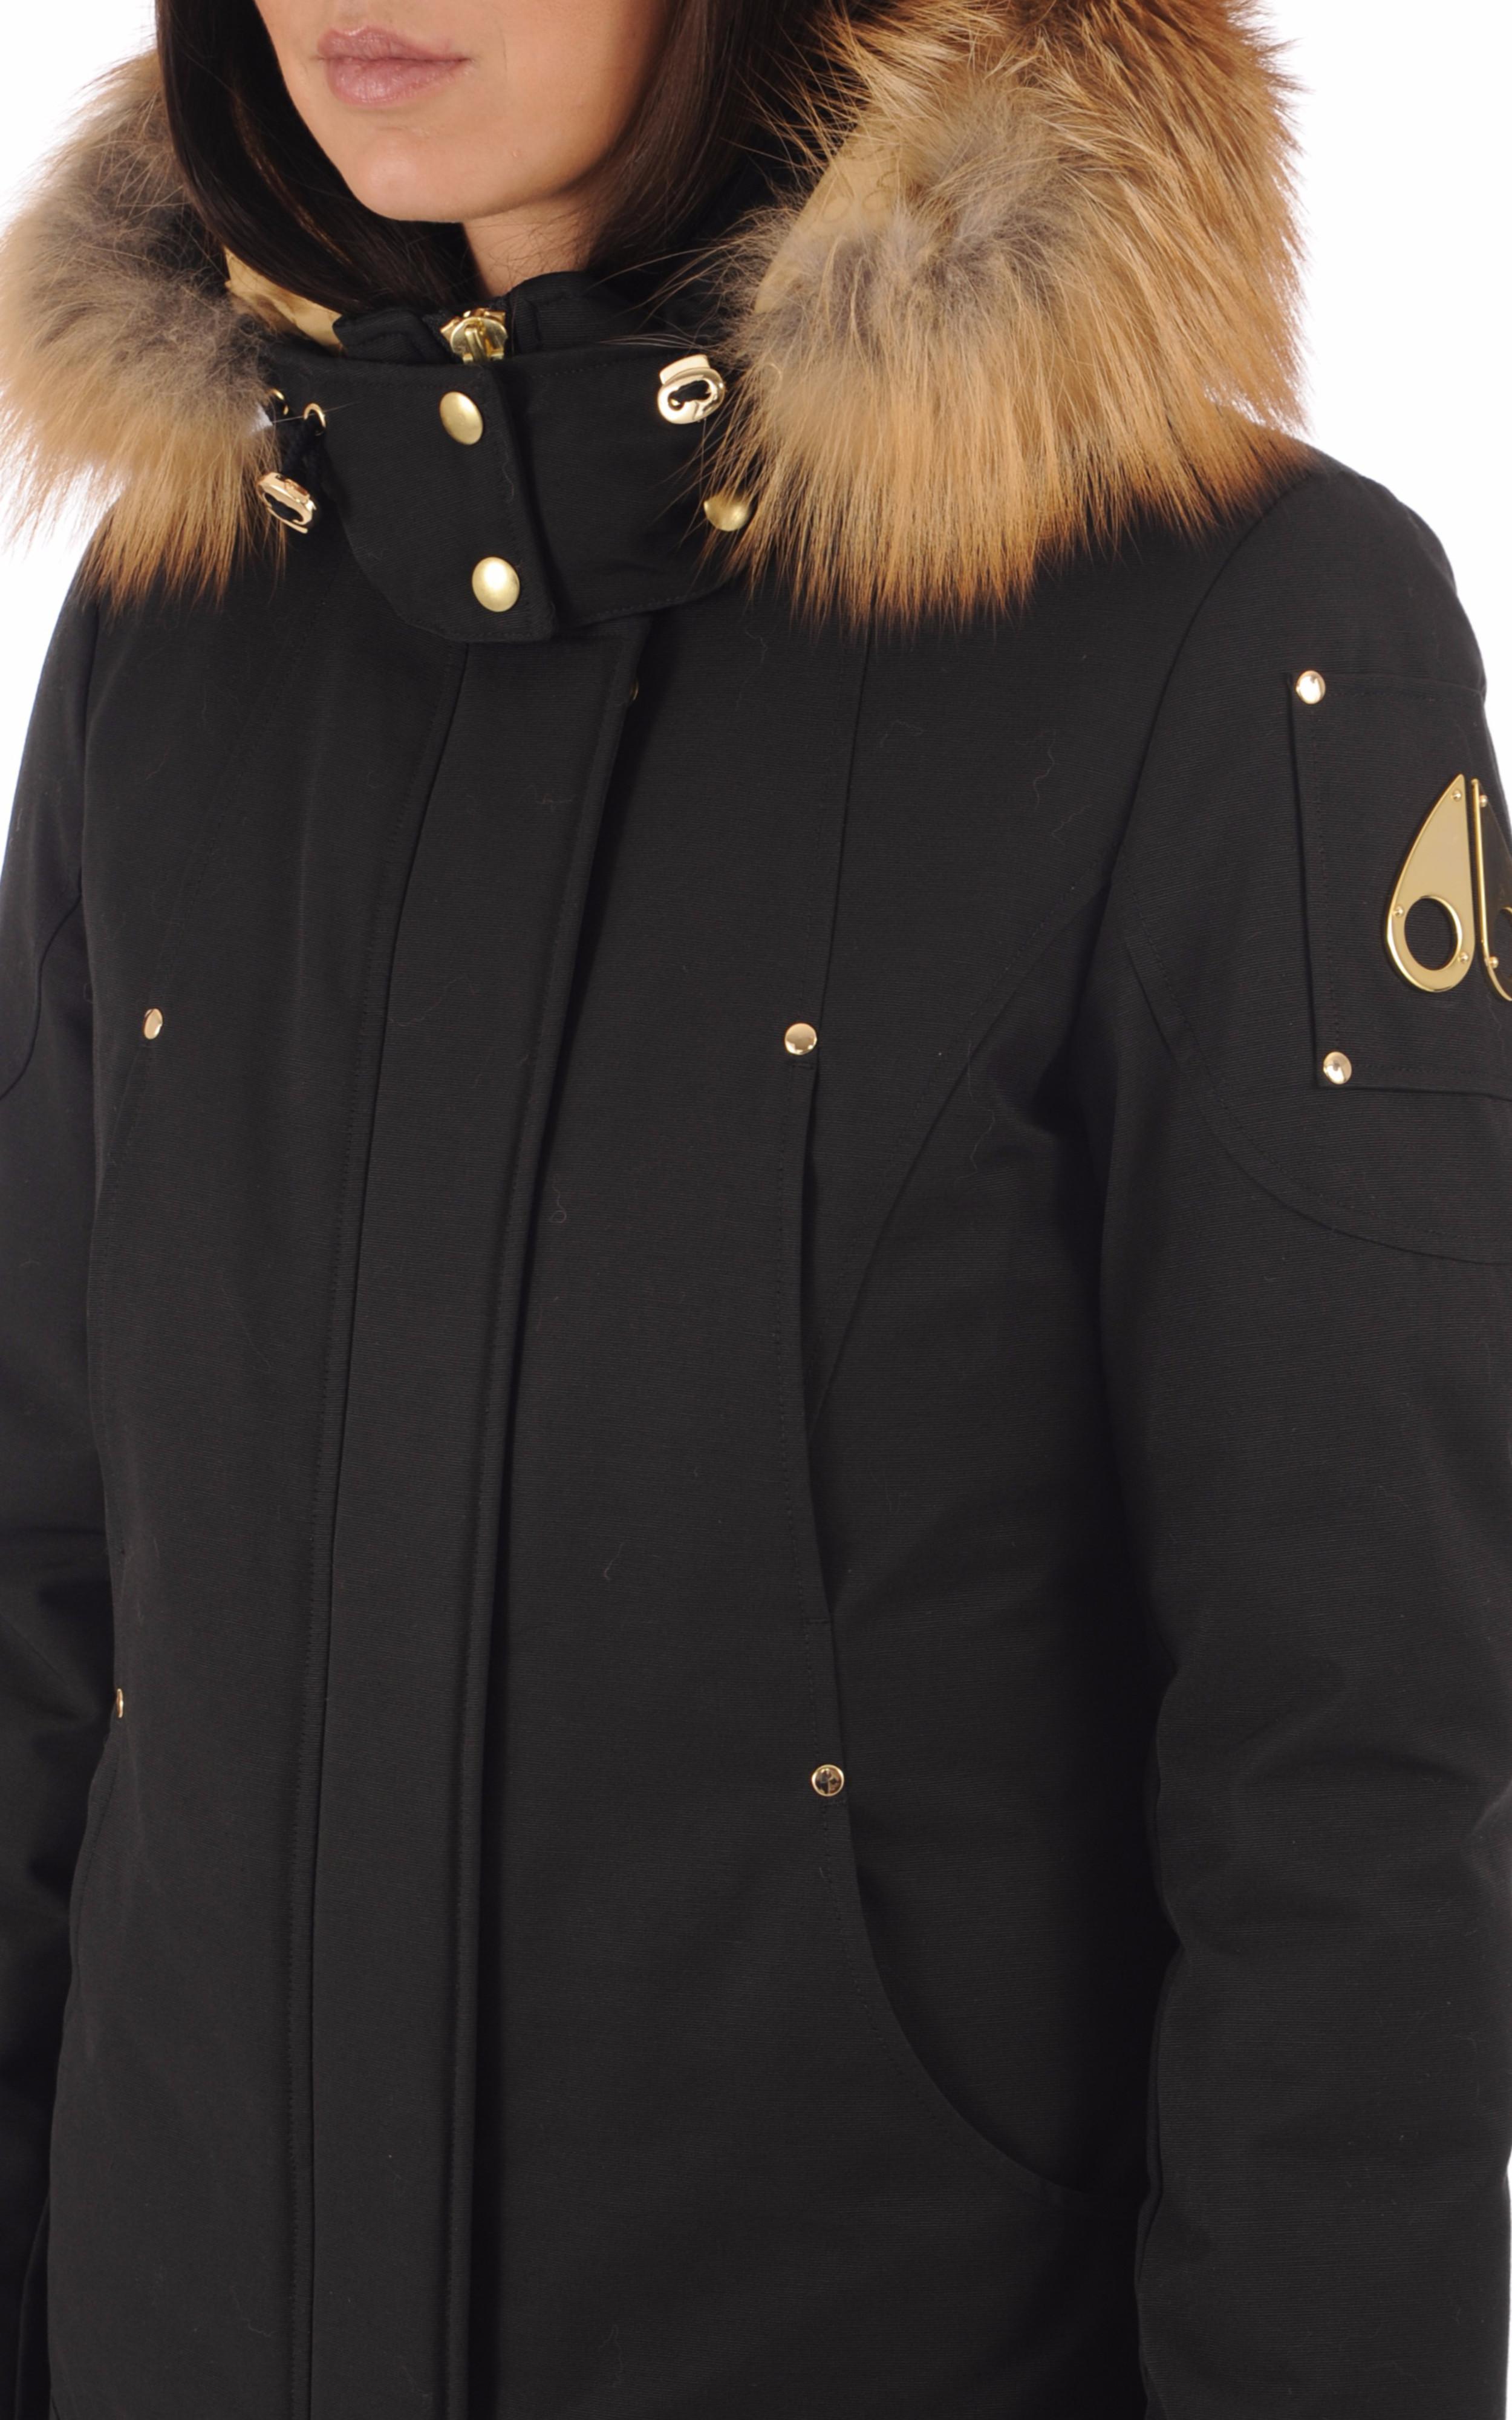 Doudoune noire femme Moose Knuckles